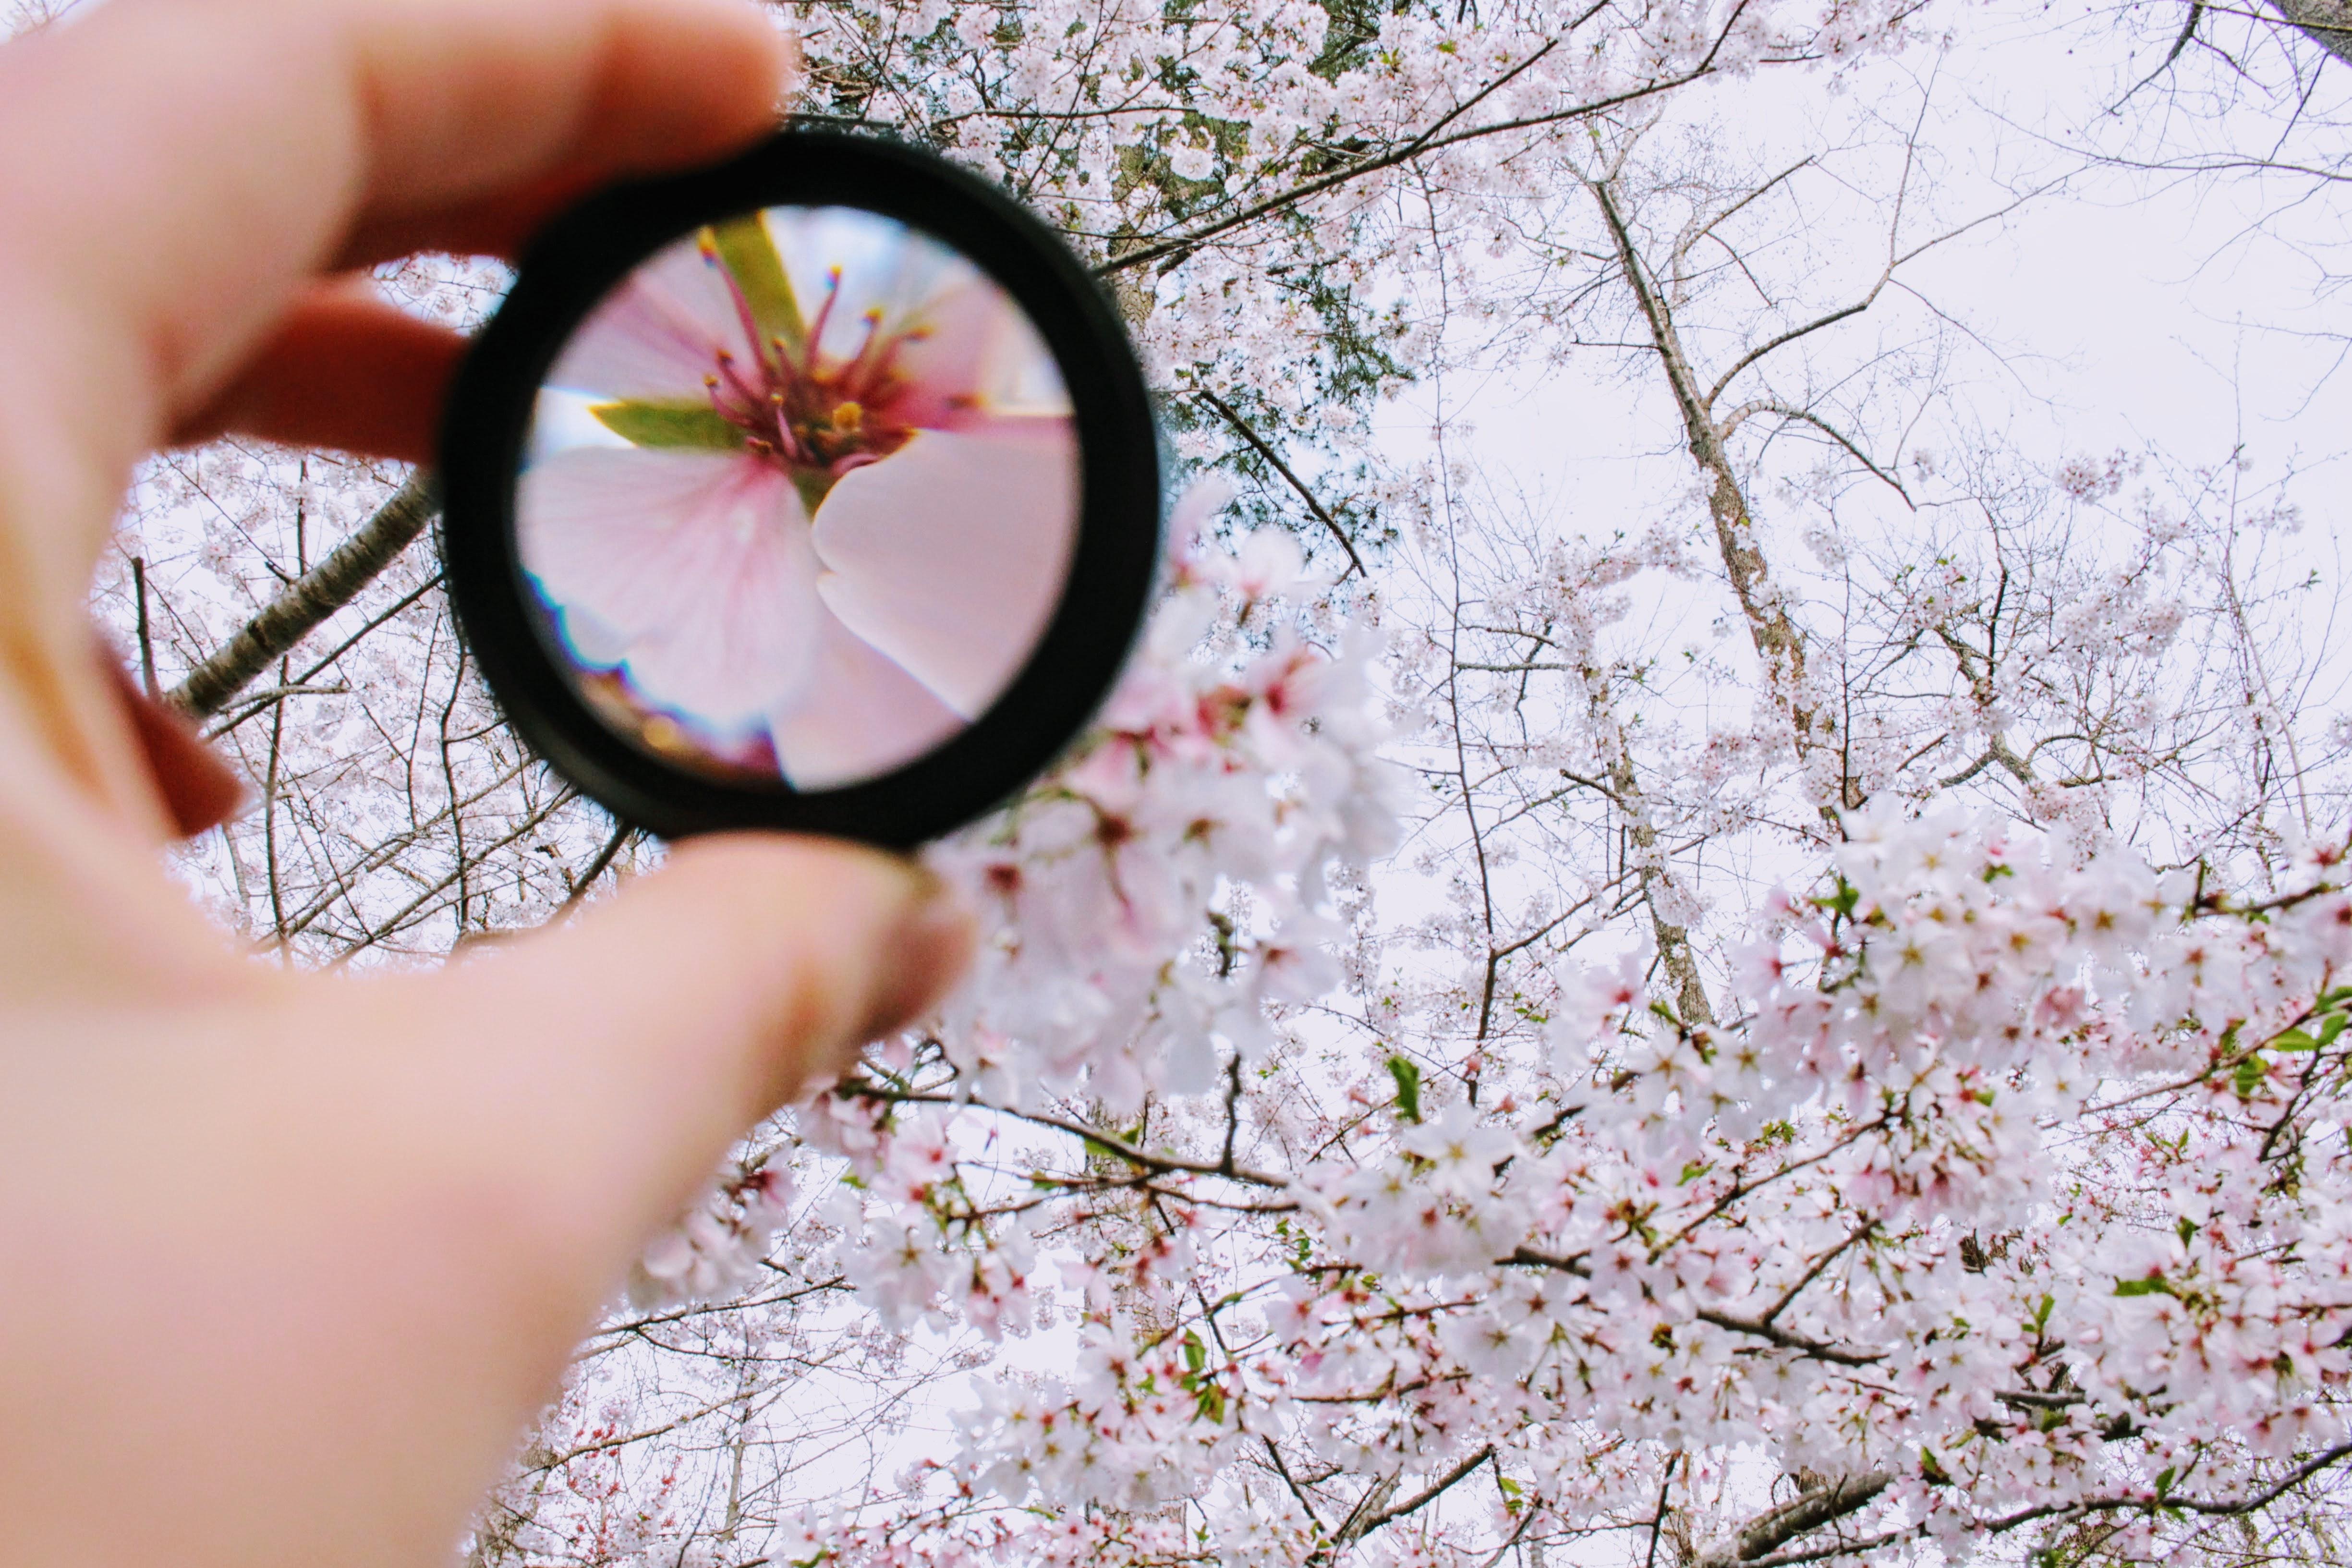 bloom-blooming-blossom-979927.jpg